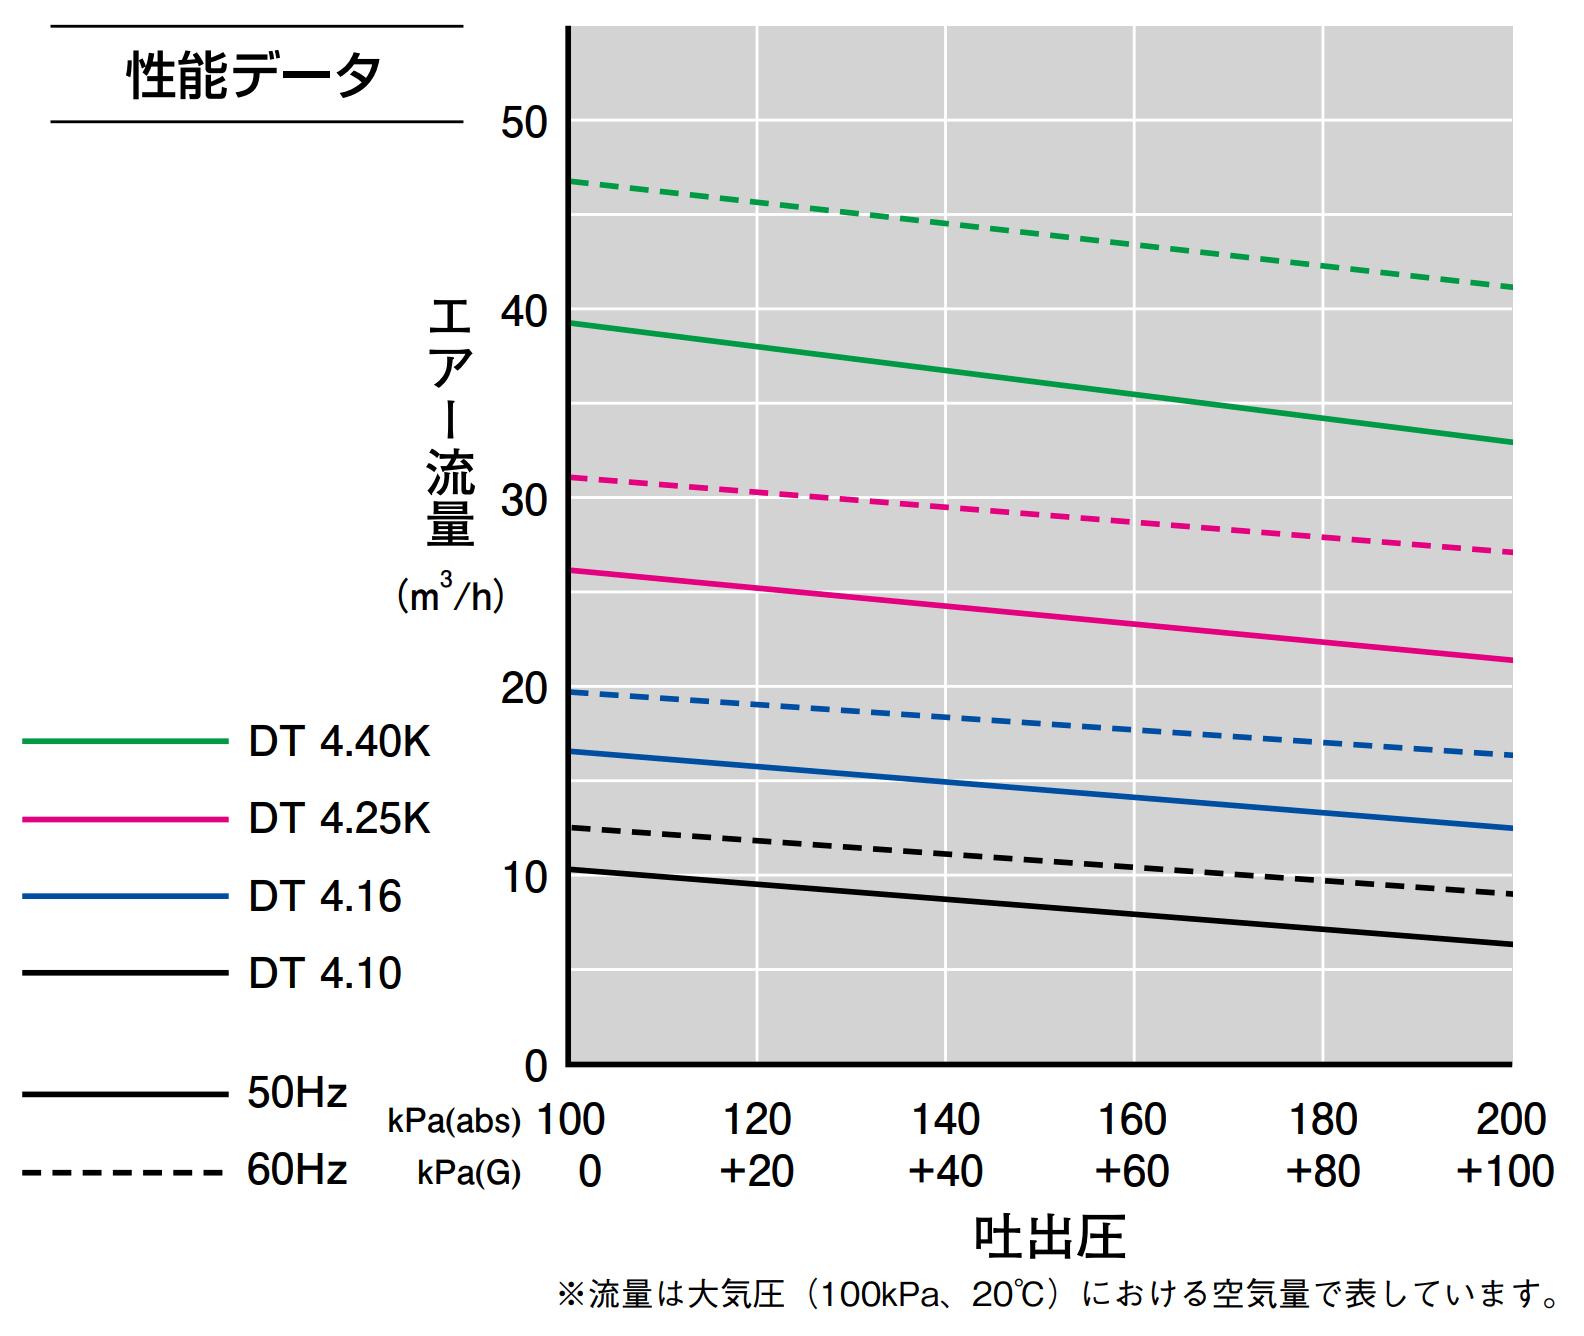 ロータリーベーン式オイルフリーコンプレッサー